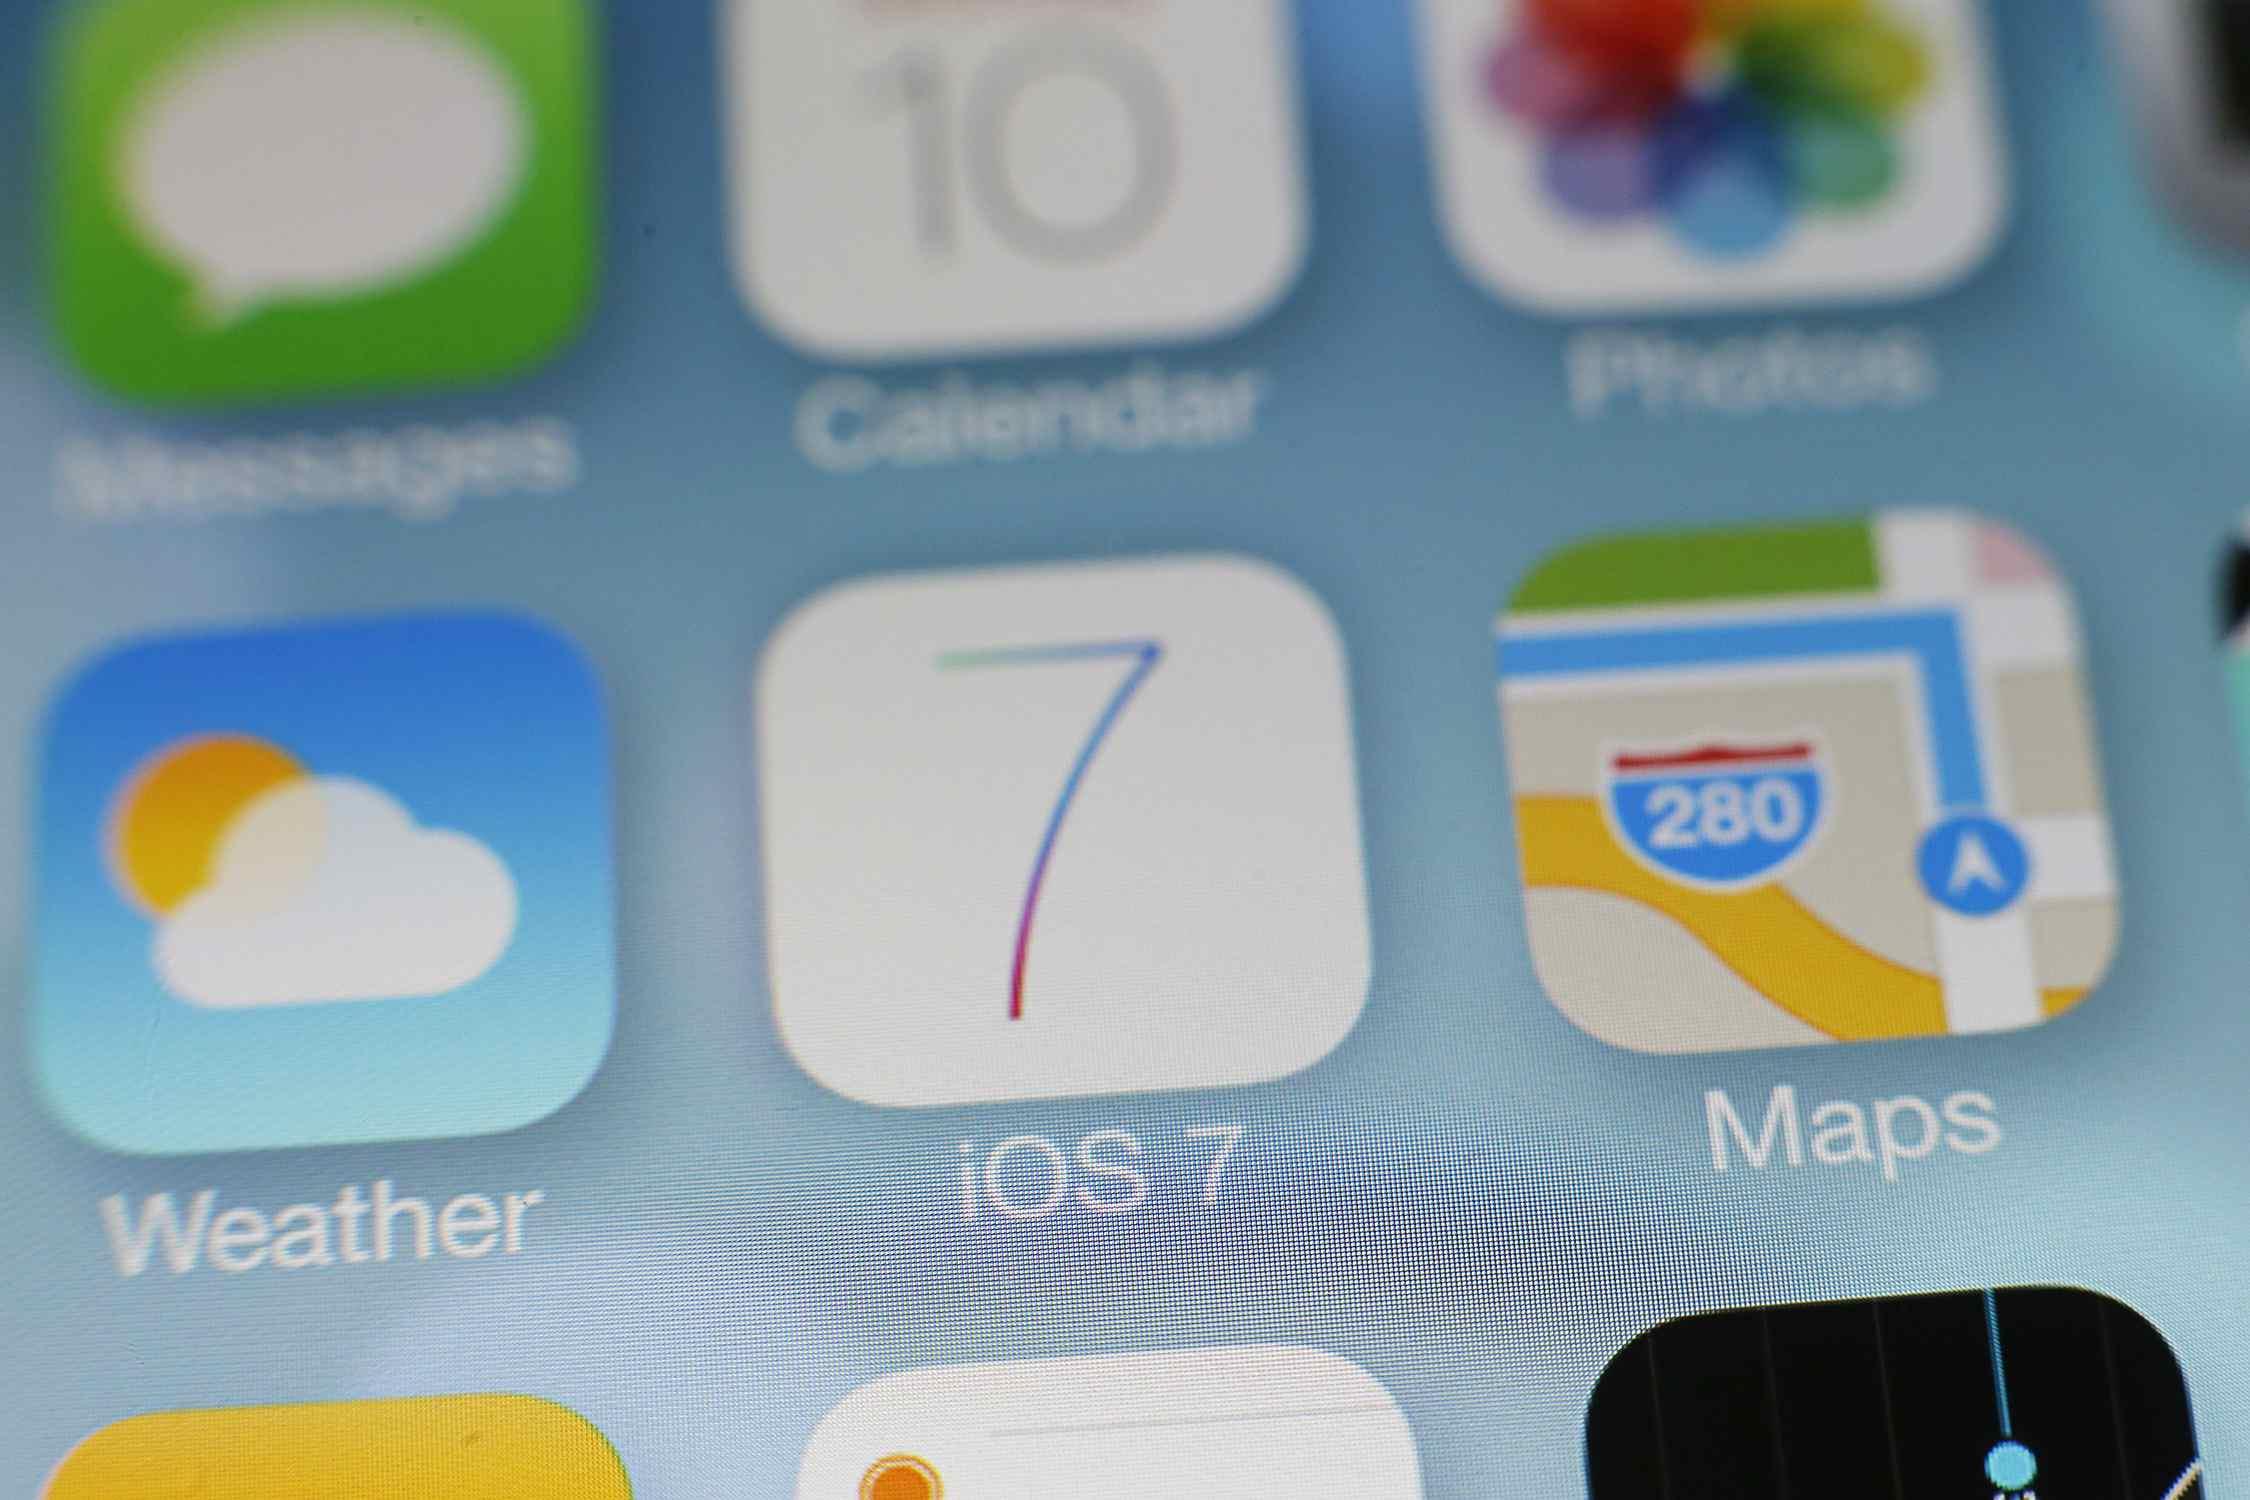 Material design in iOS 7